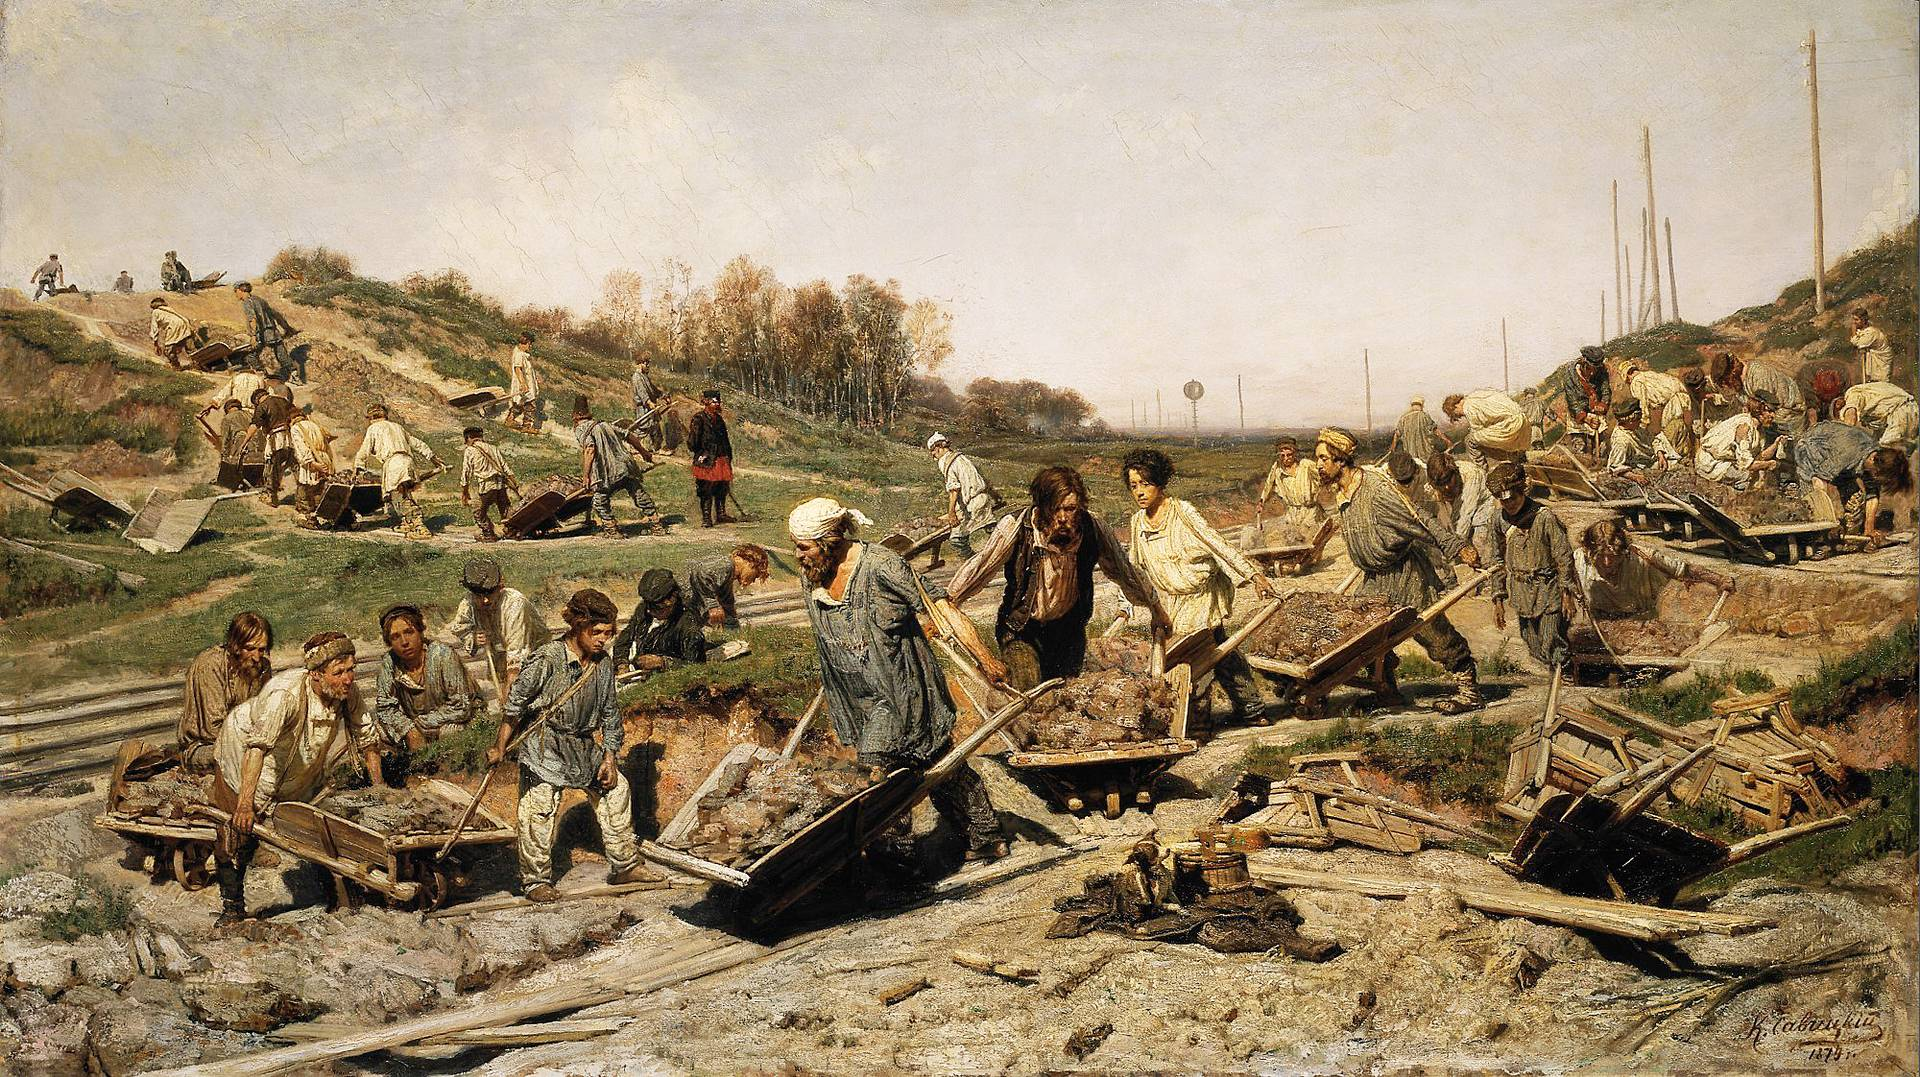 Константин Савицкий. Ремонтные работы на железной дороге. 1874